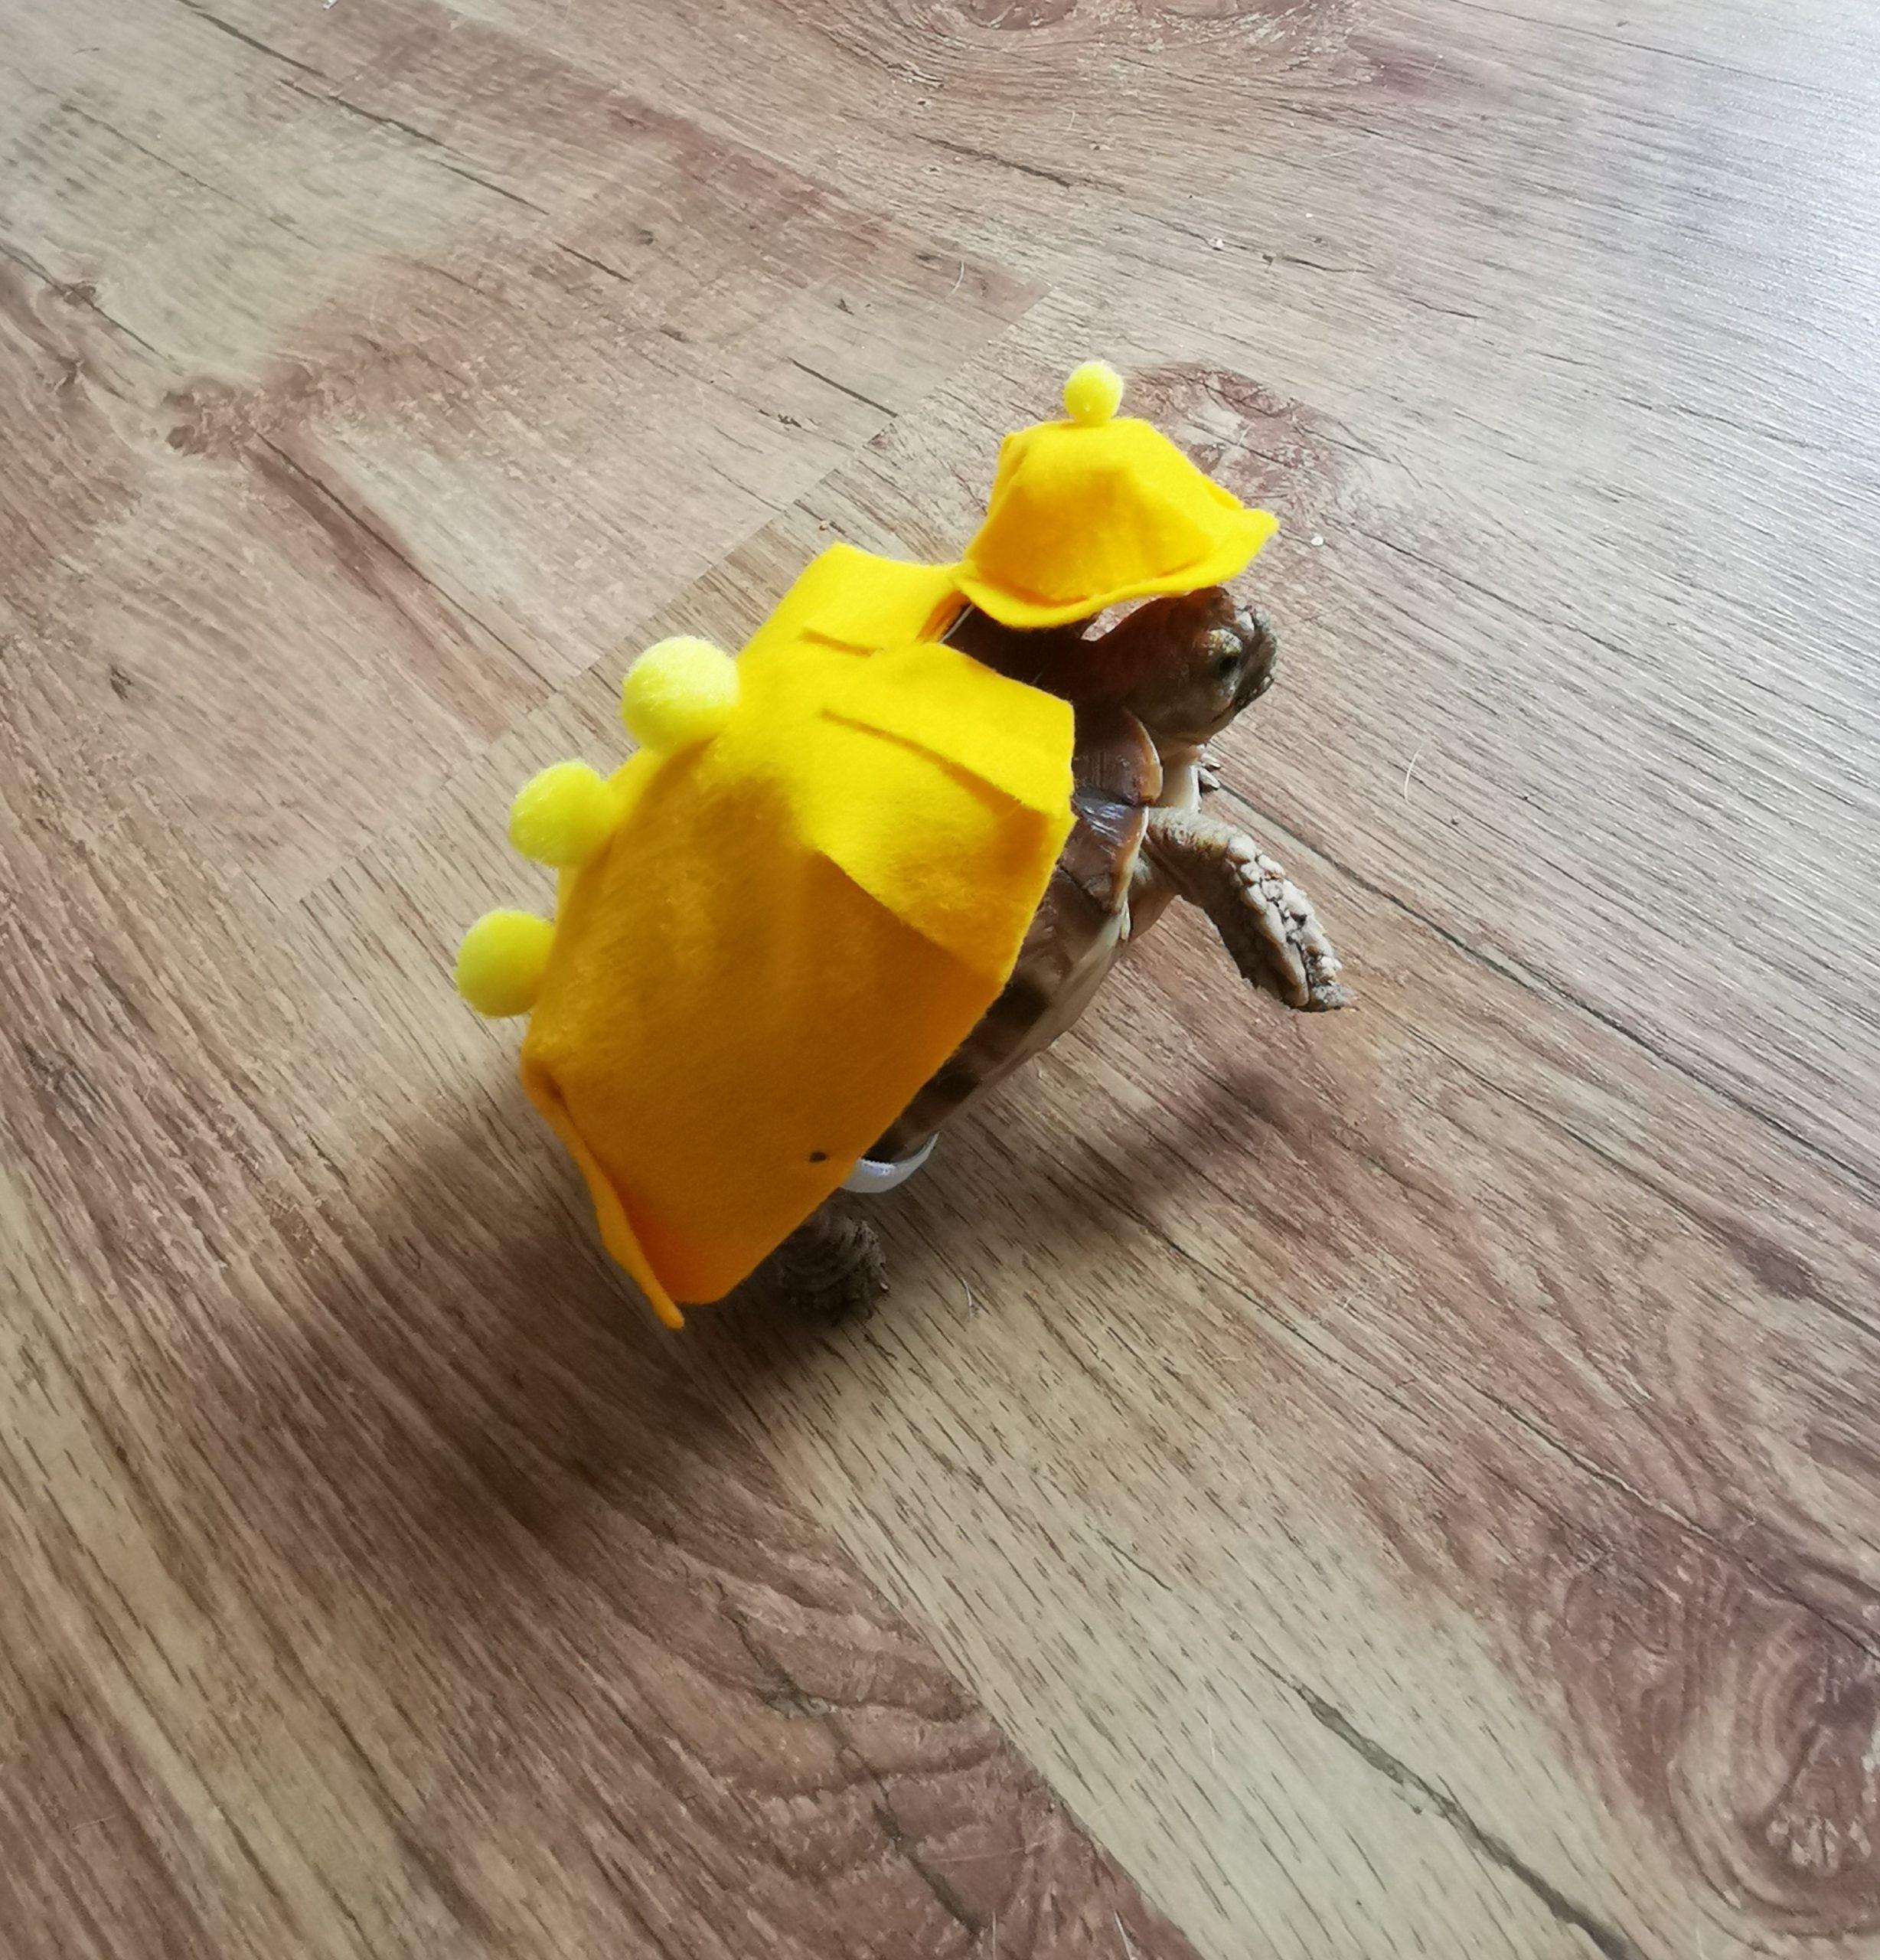 Spornschildkröte Urmel mit Regenmantel auf Erkundungstour